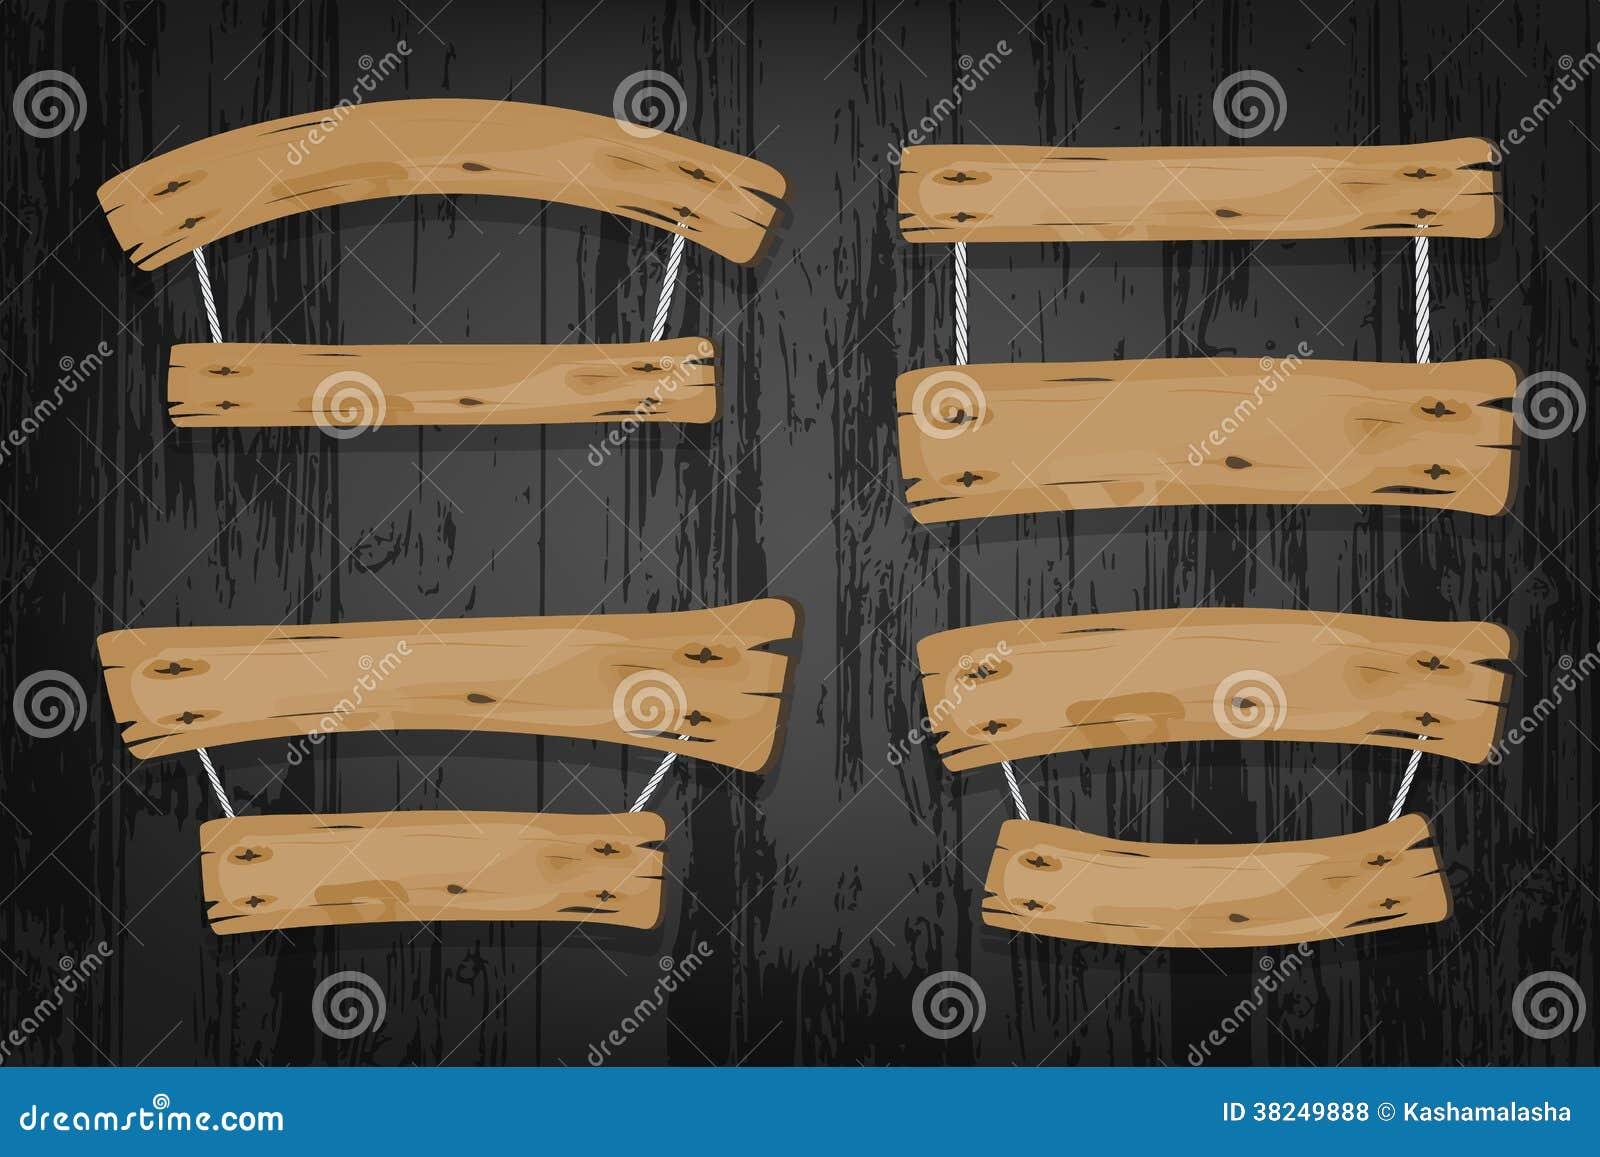 Insegne Negozi In Legno : Insegne di legno e nastri di vettore di brown che appendono sopra